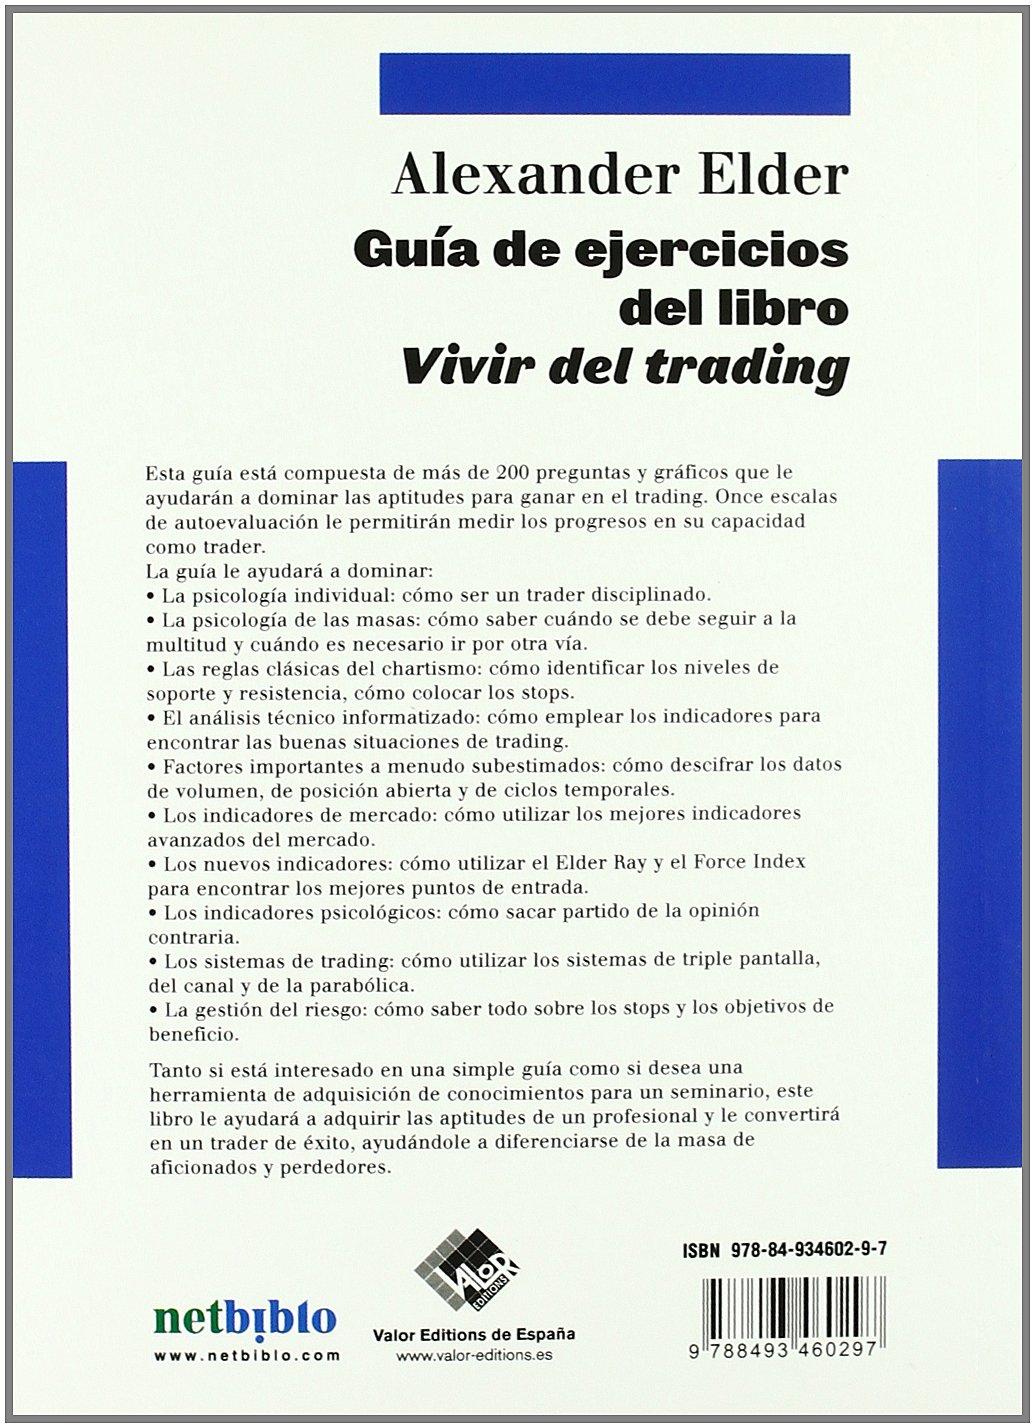 Guia De Ejercicios Del Libro Vivir Del Trading Economía y Negocios:  Amazon.es: Alexander Elder: Libros